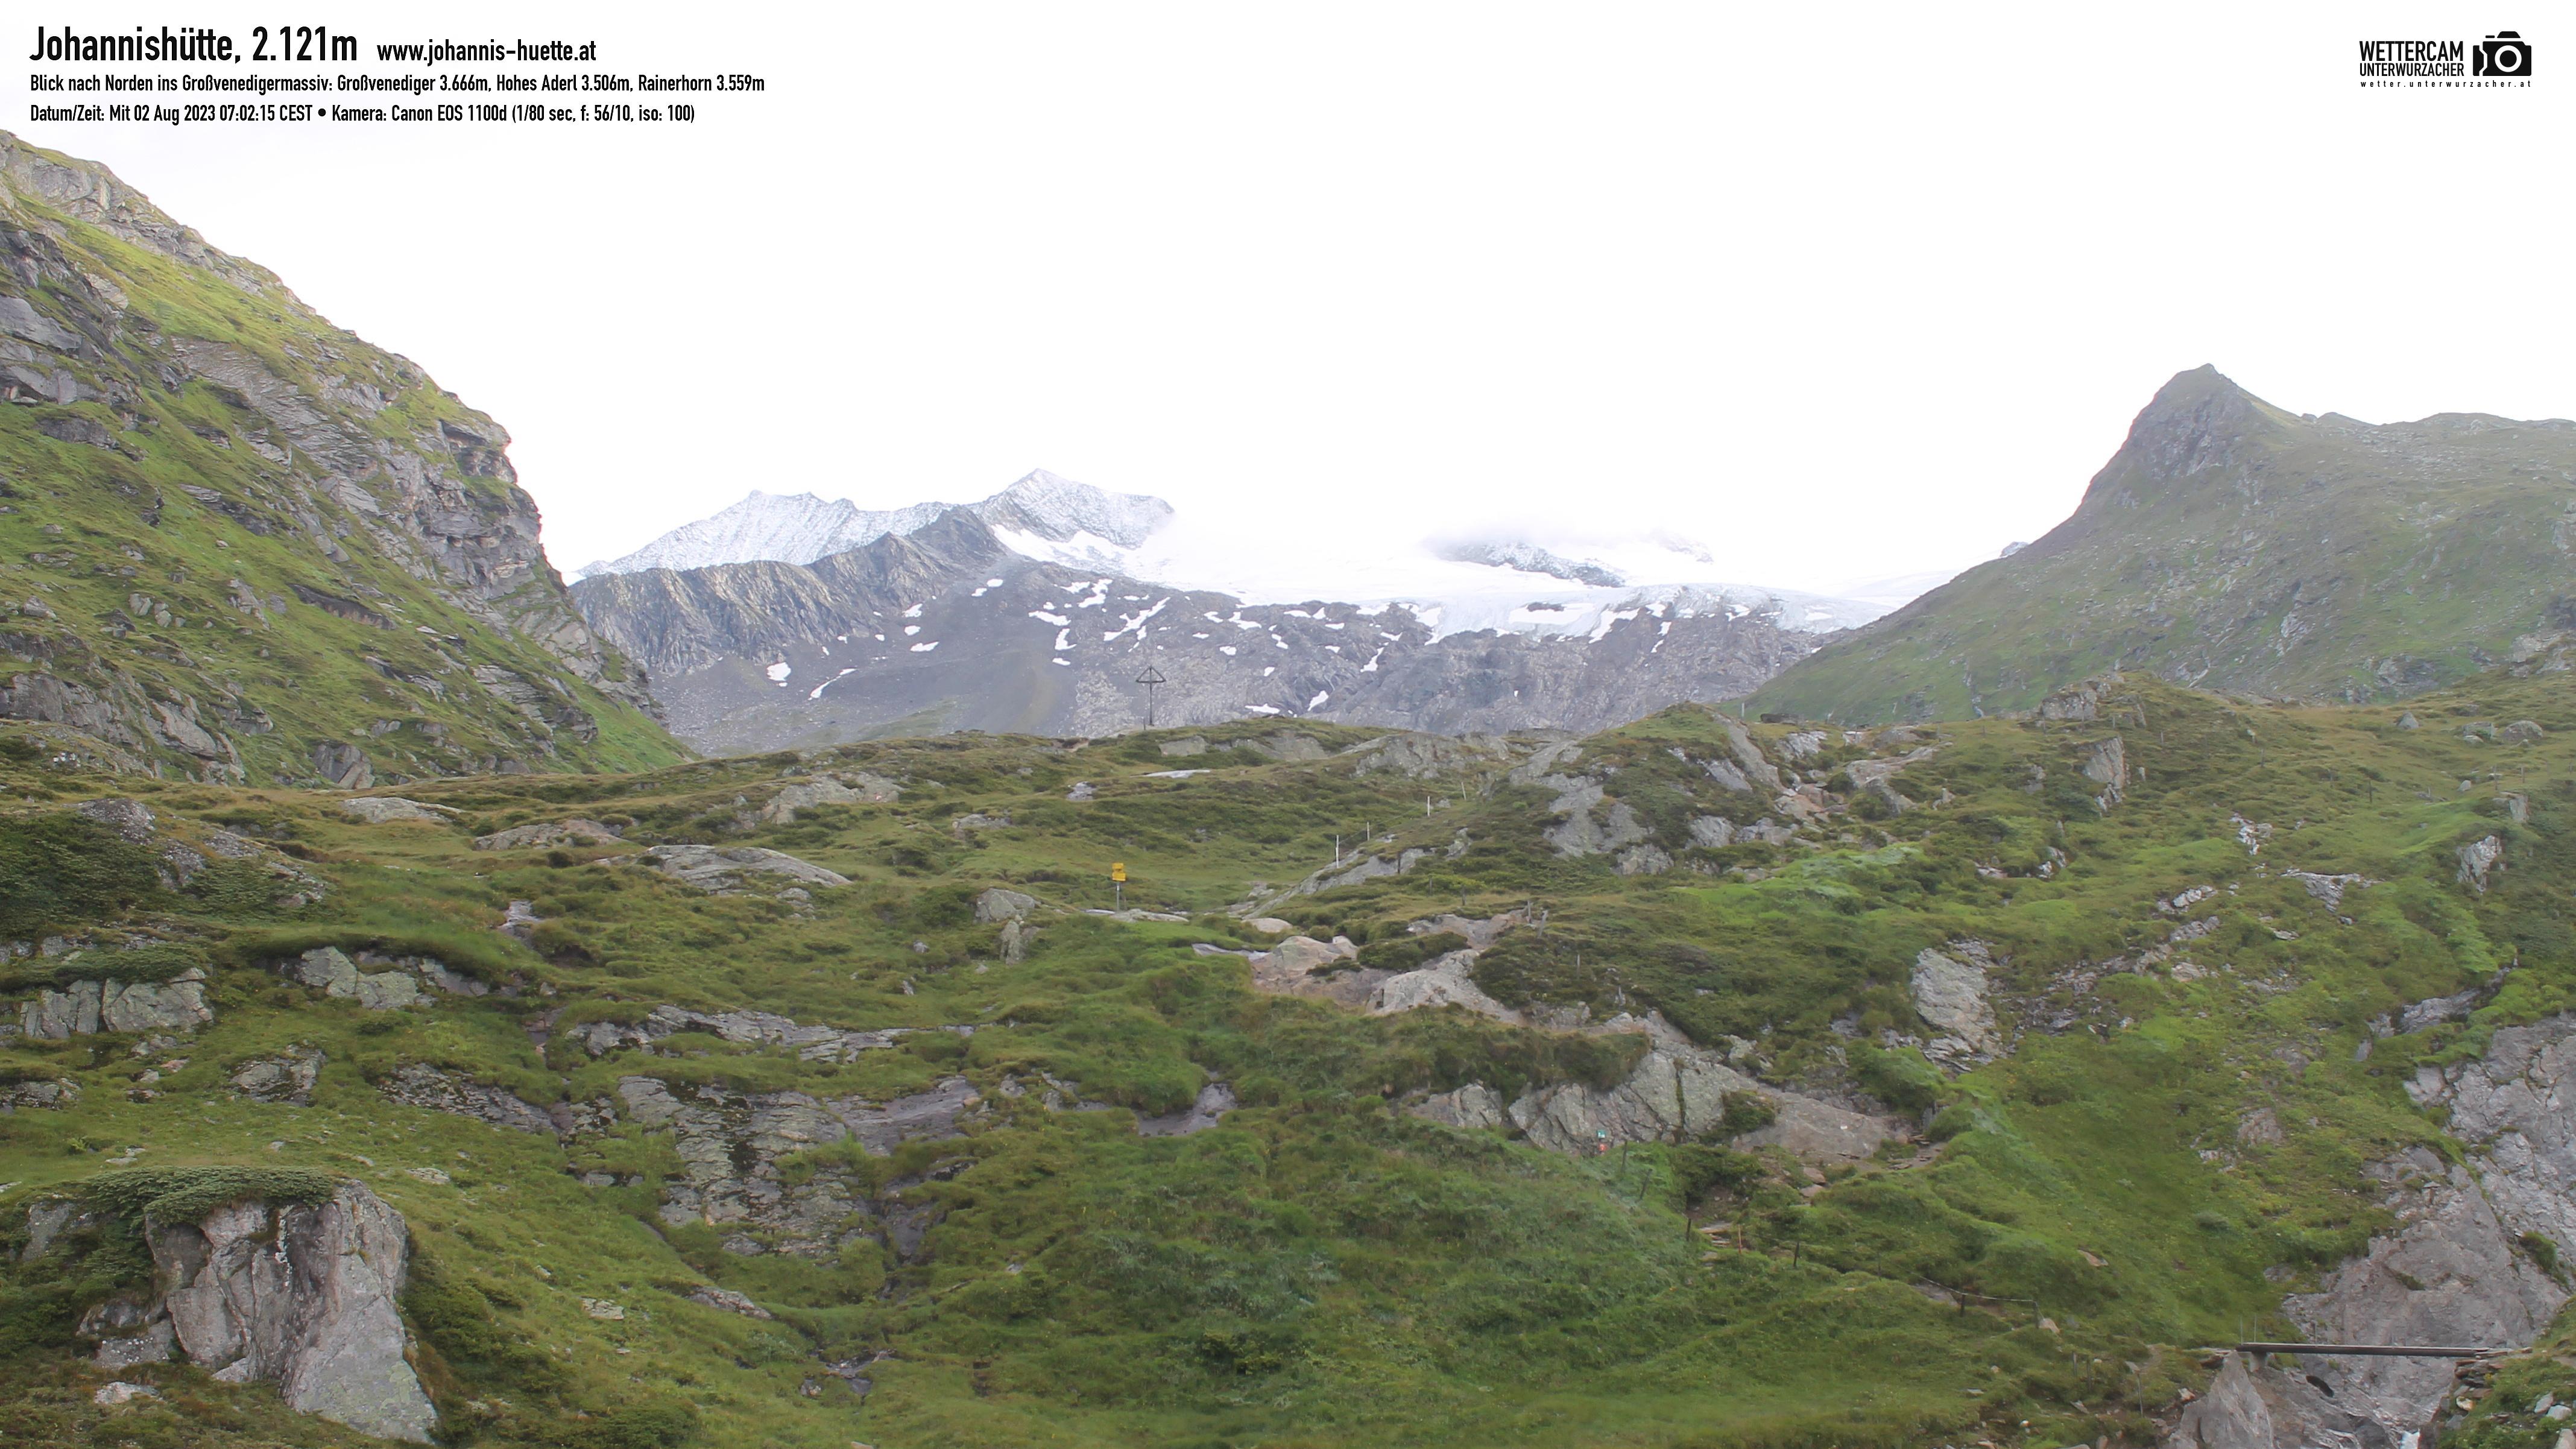 Webcam Johannis-Hütte 2.121 m | Osttirol